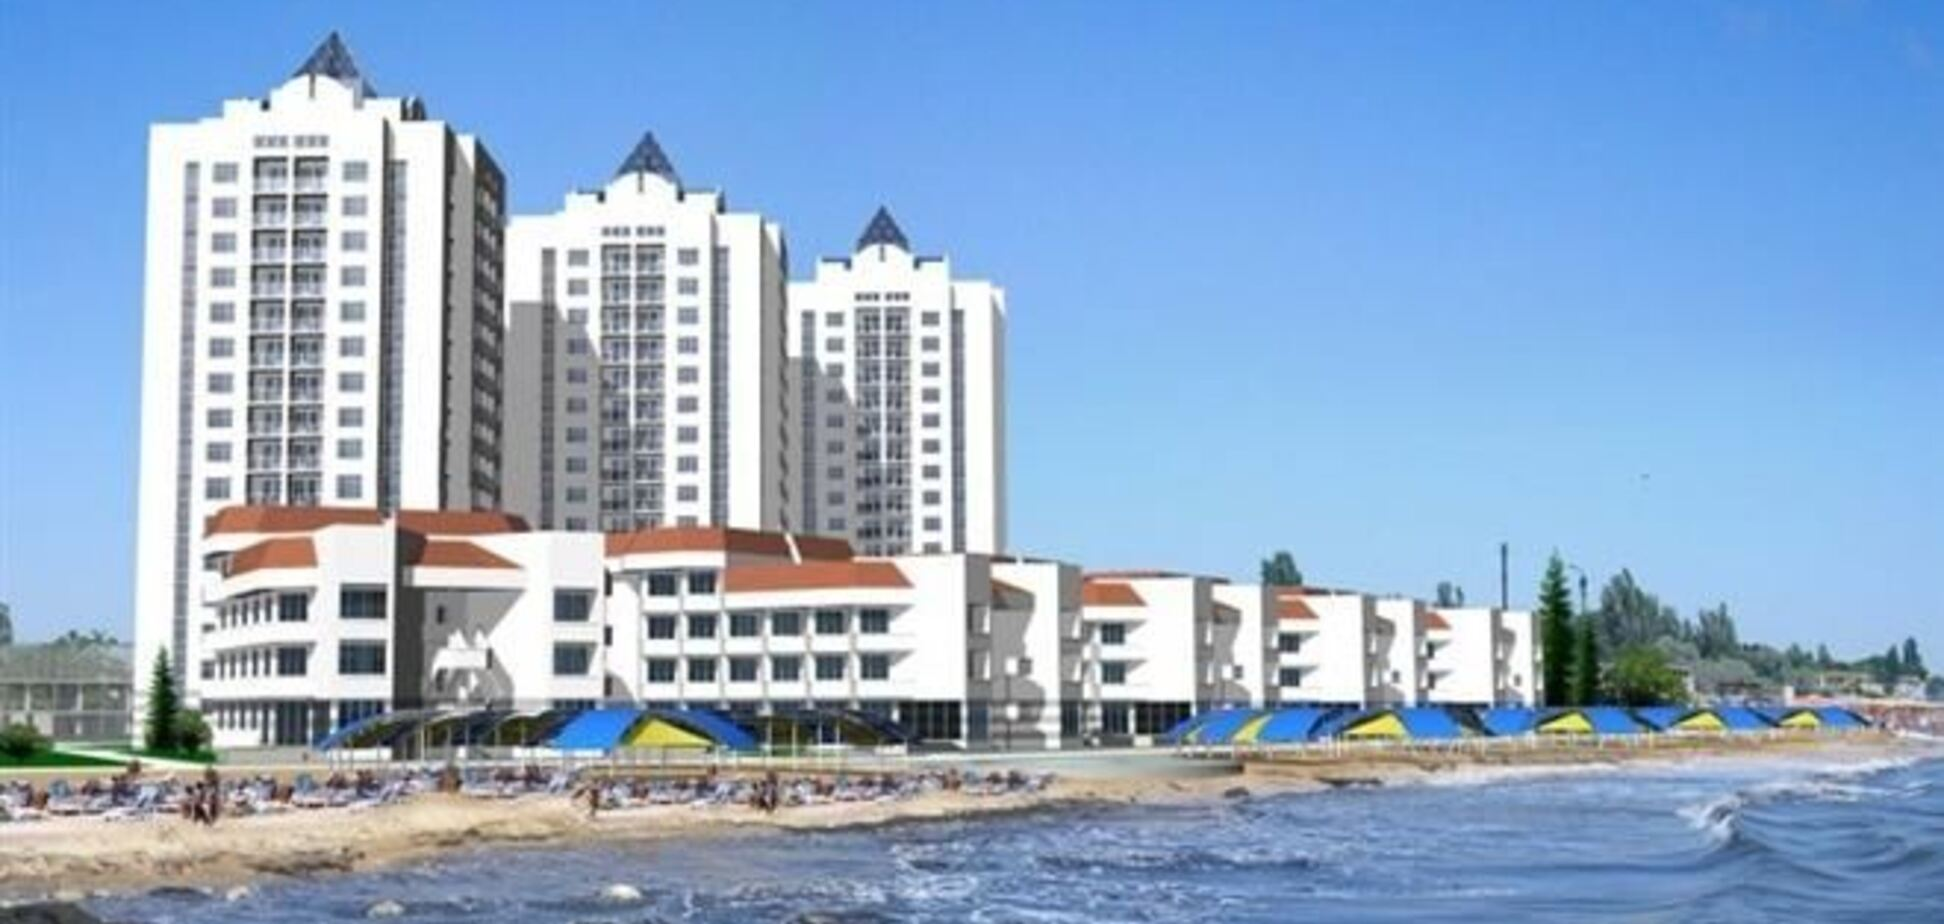 Новые жилые комплексы в Крыму будут продаваться по интересным ценам